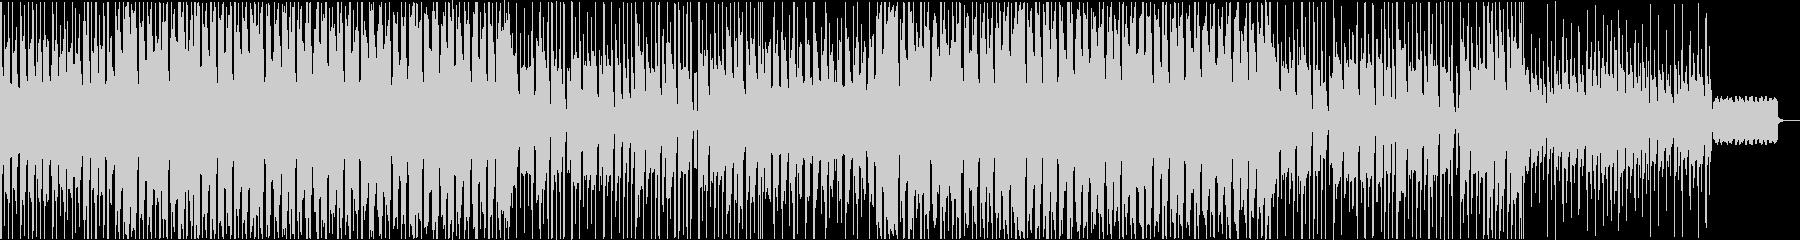 トイピアノとウクレレのほのぼのポップの未再生の波形